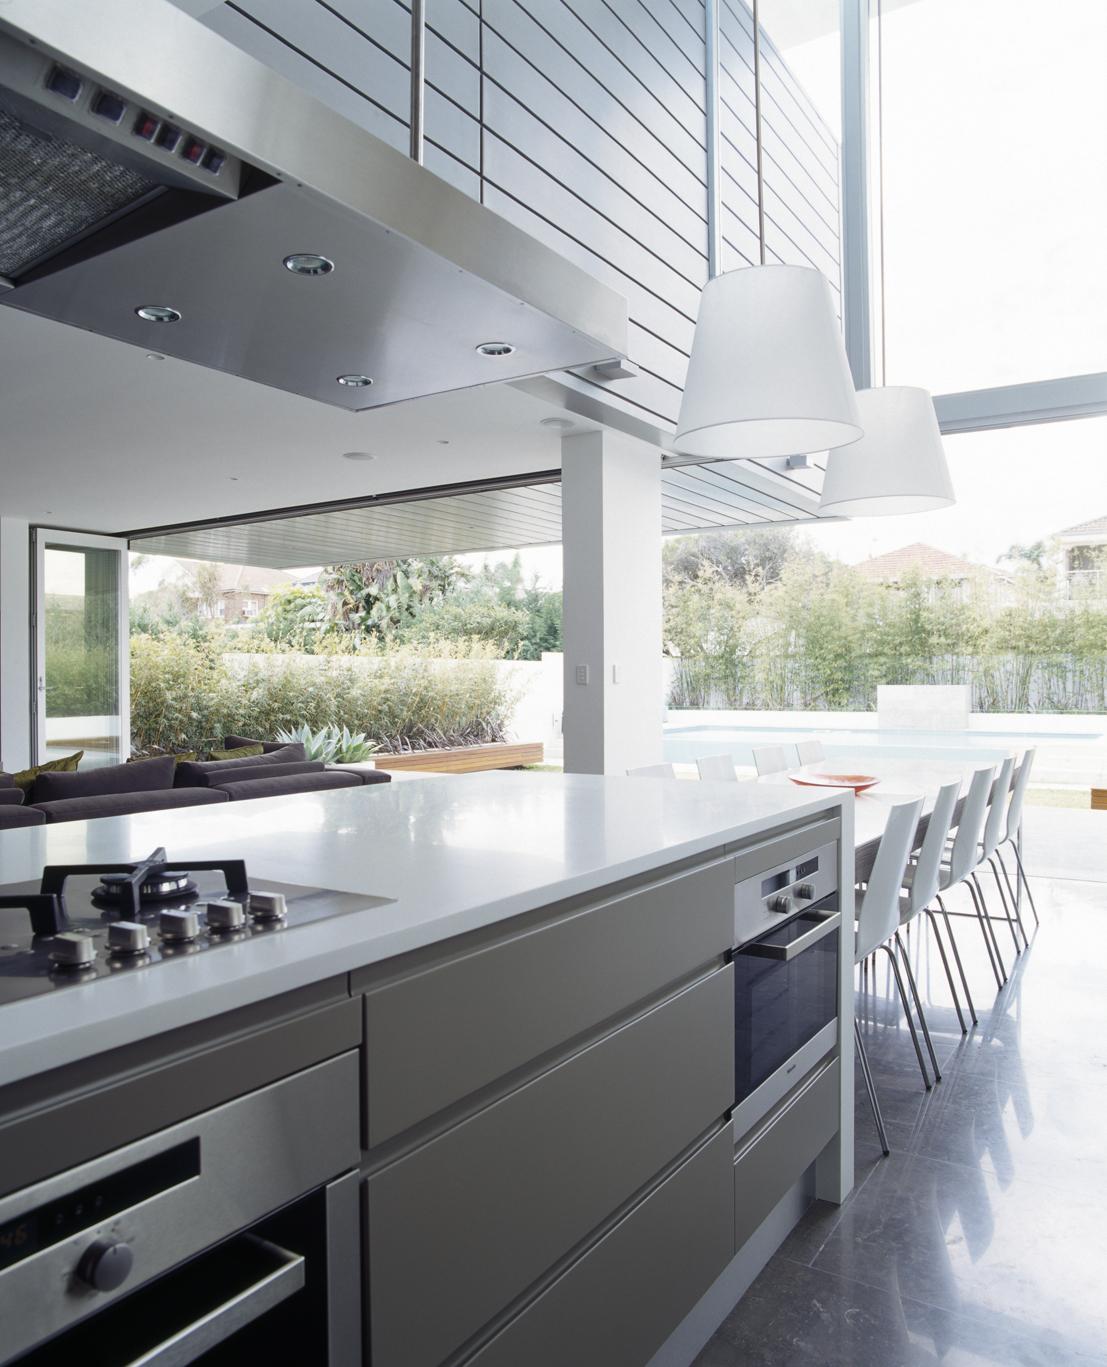 Minosa: Minosa Kitchen Design. Award Winning Design And